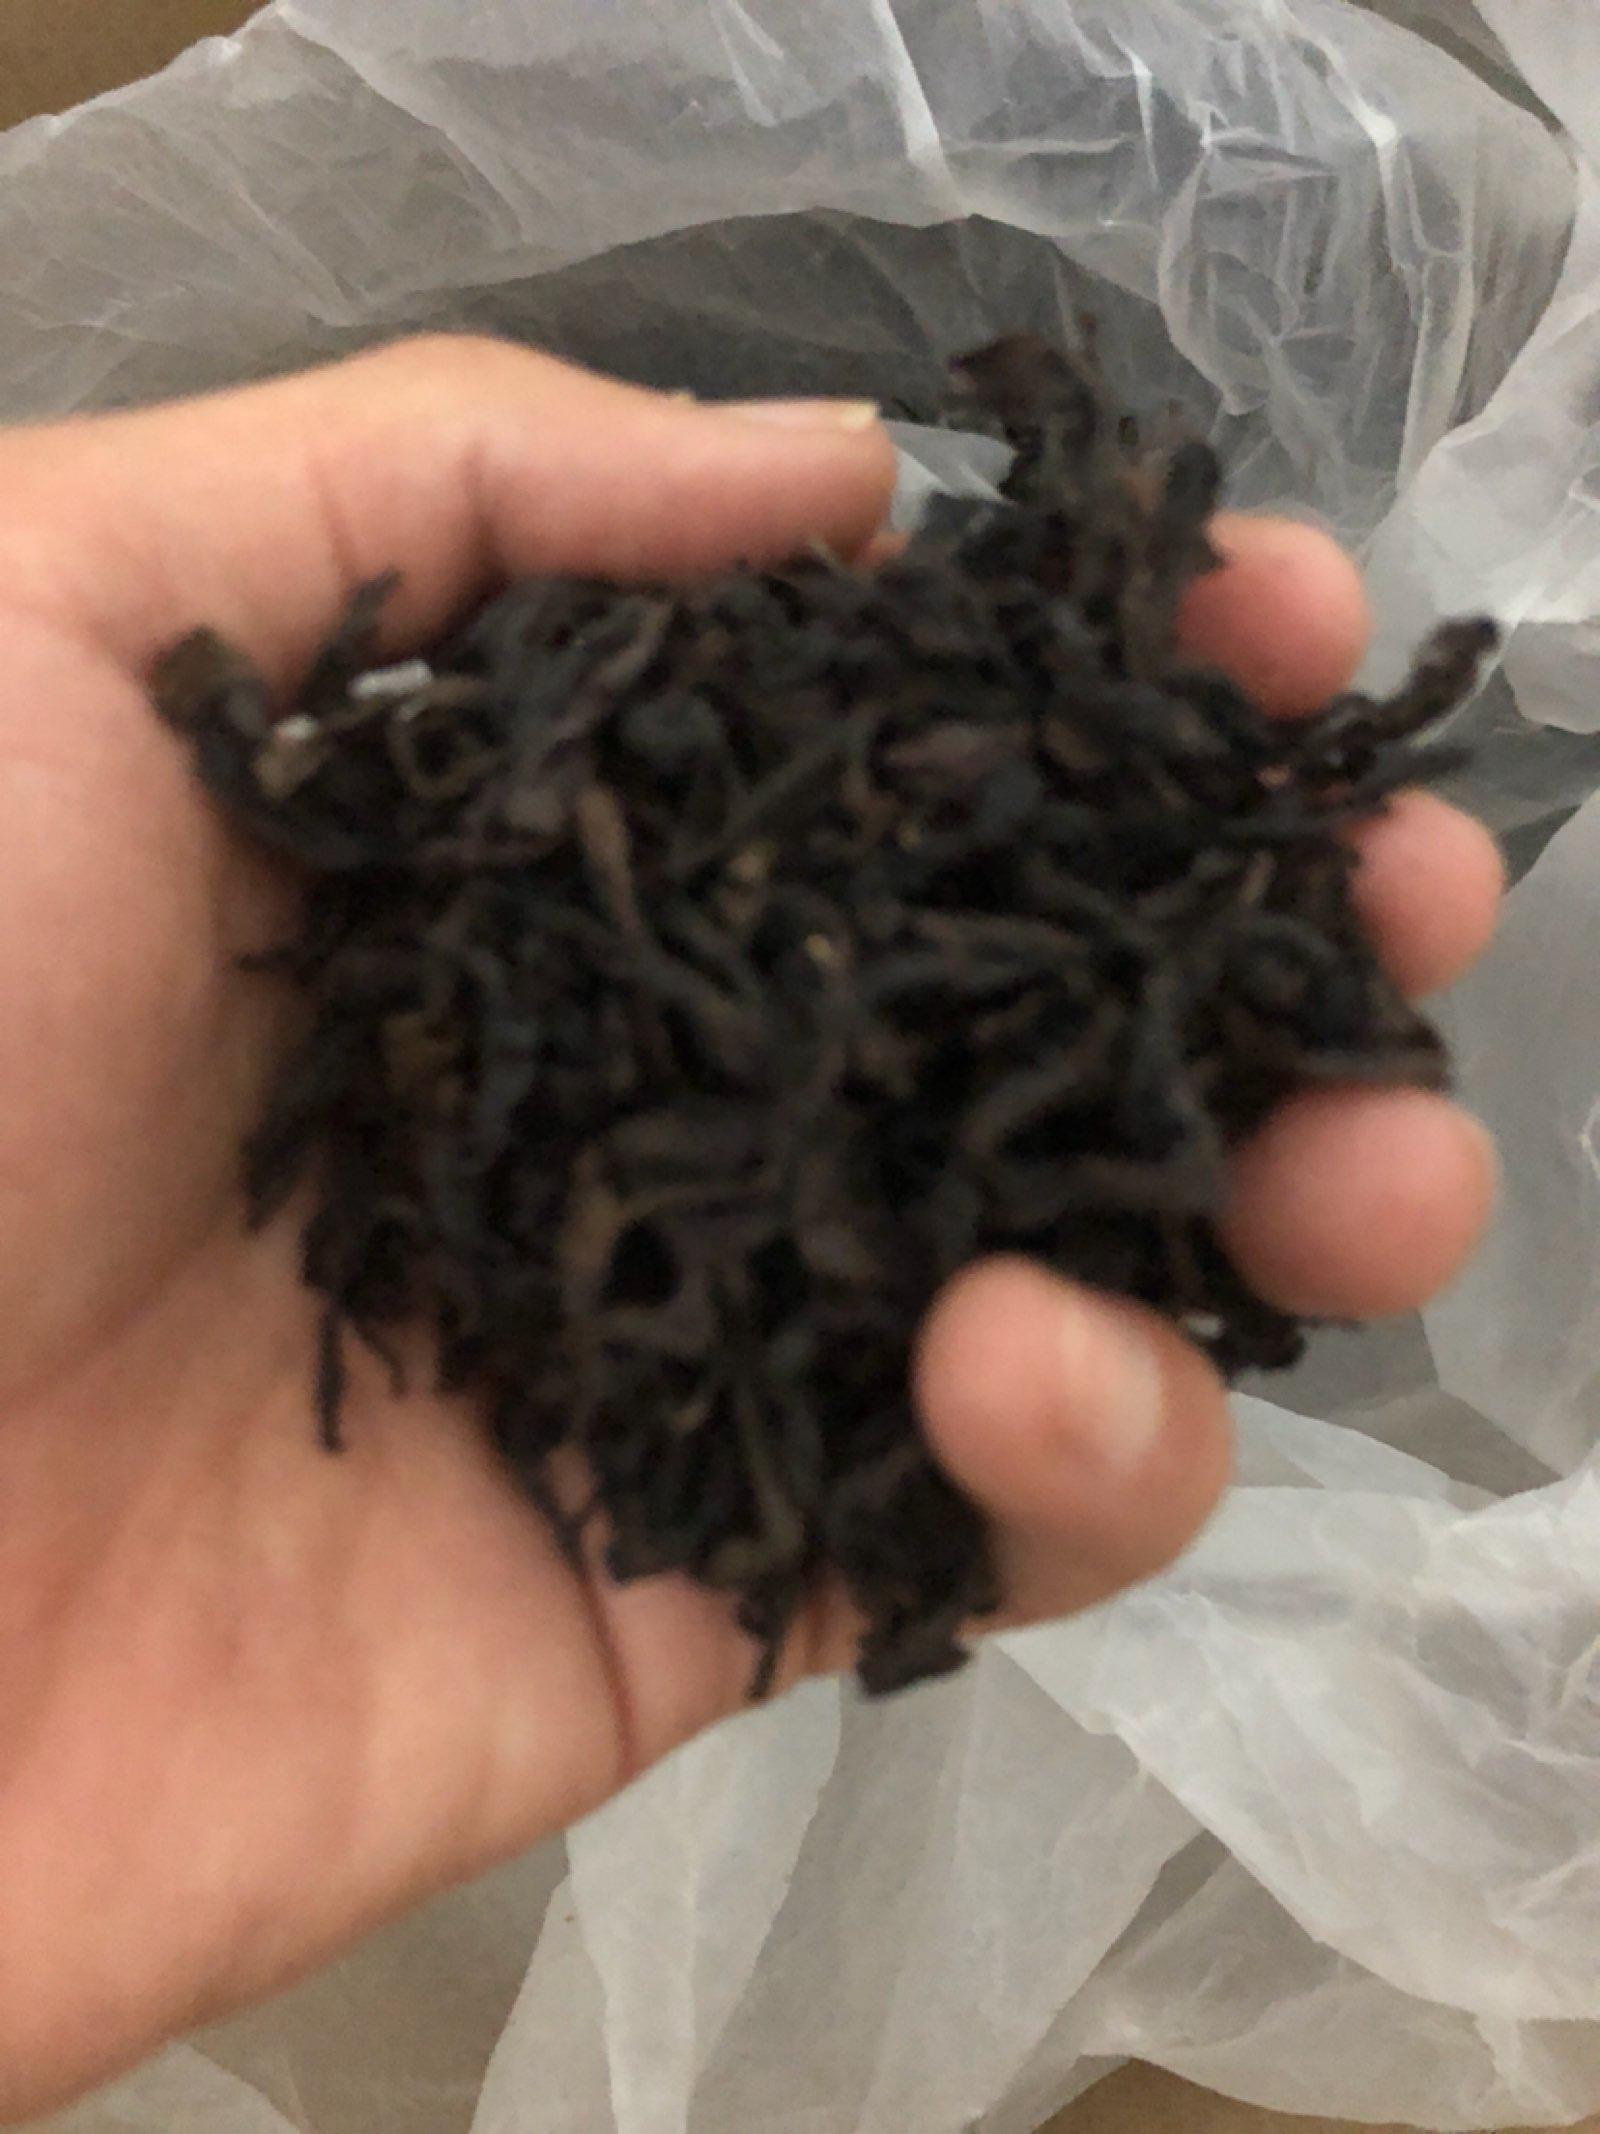 这个是武夷山大红袍茶叶岩茶肉桂